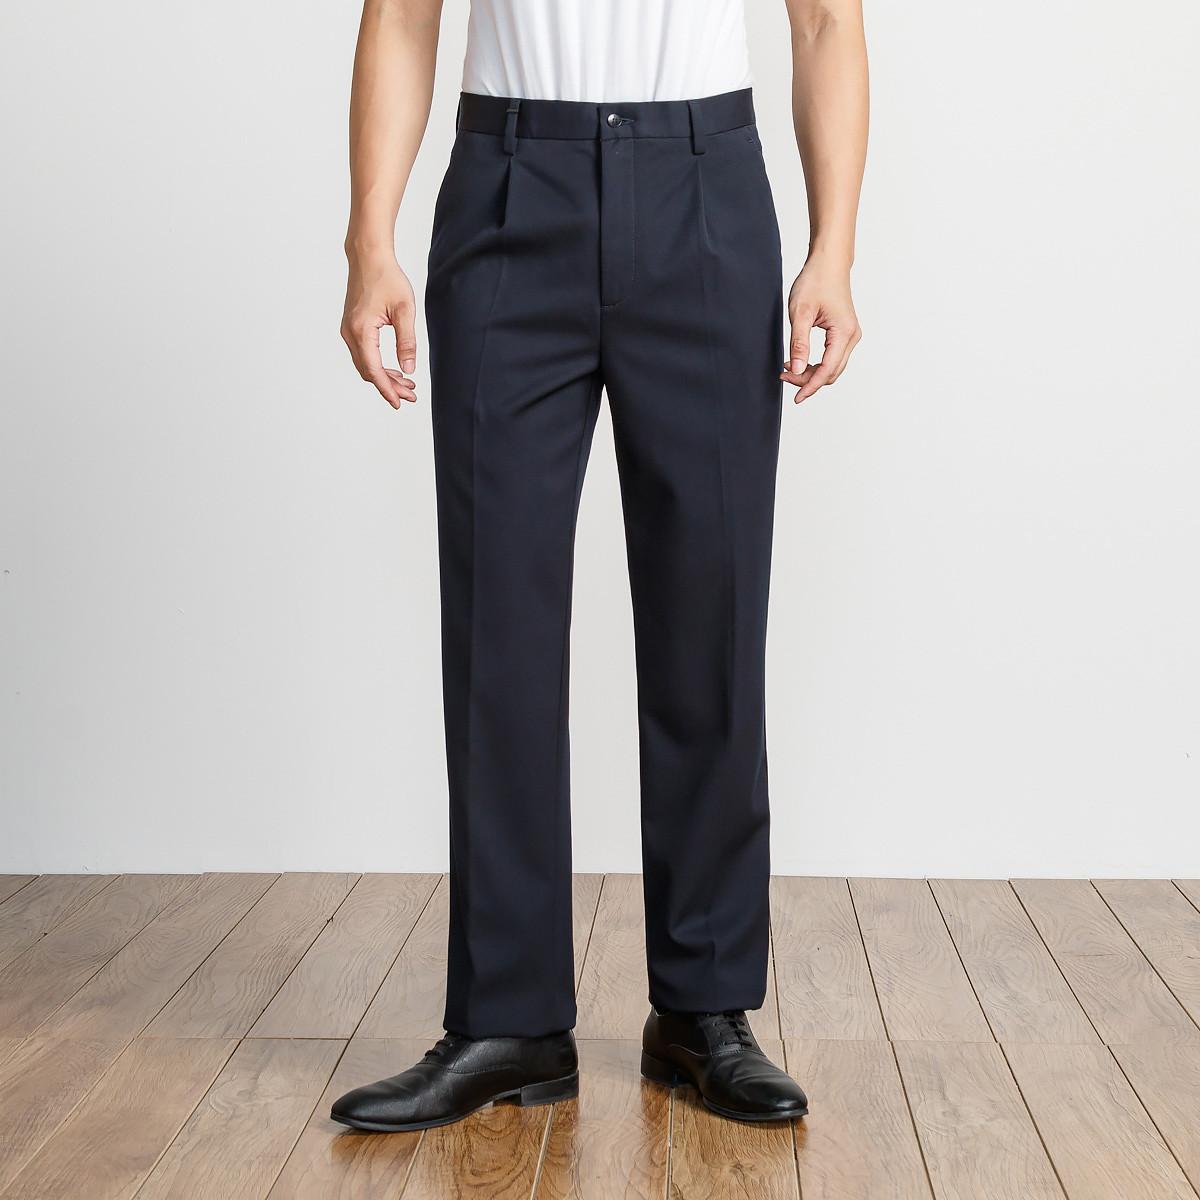 艾法利2019新品 商务单褶款斜纹底磨毛保暖宽松版男士休闲长裤JA231711031